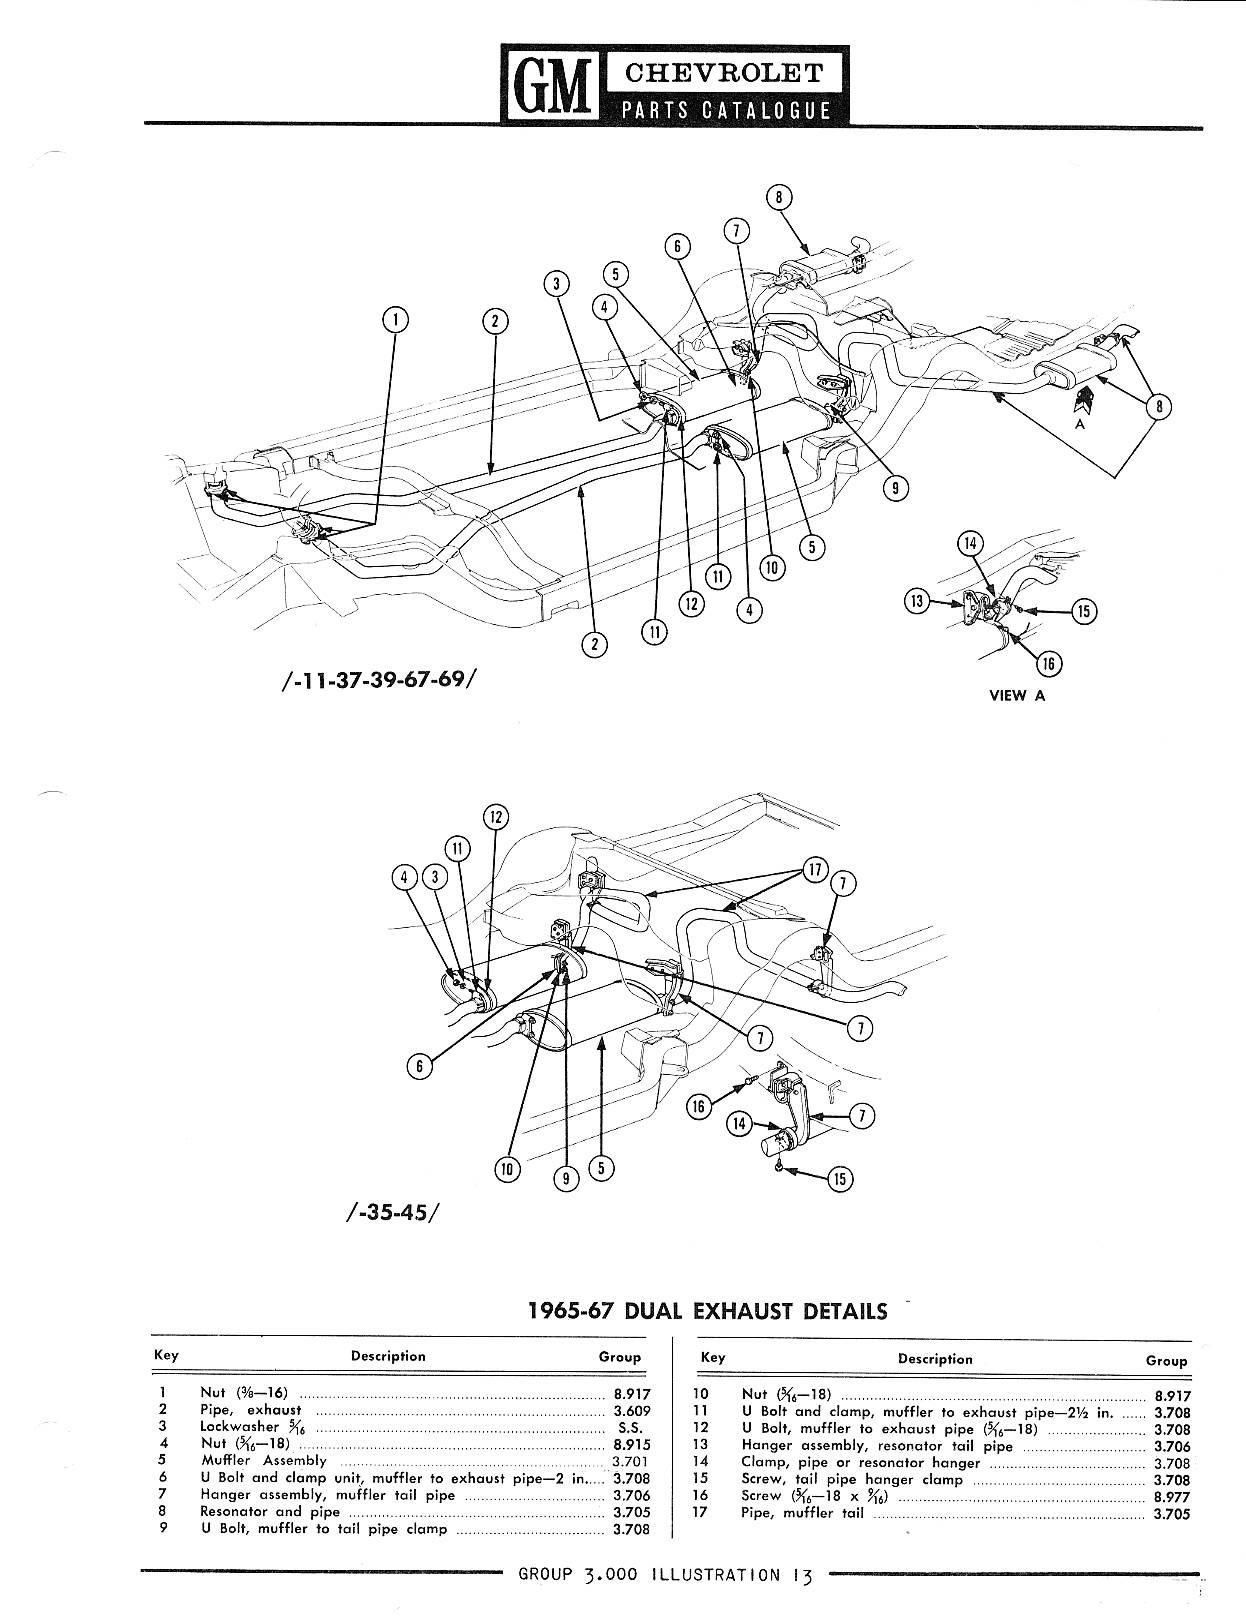 2007 Pontiac Grand Prix Parts Catalog Html